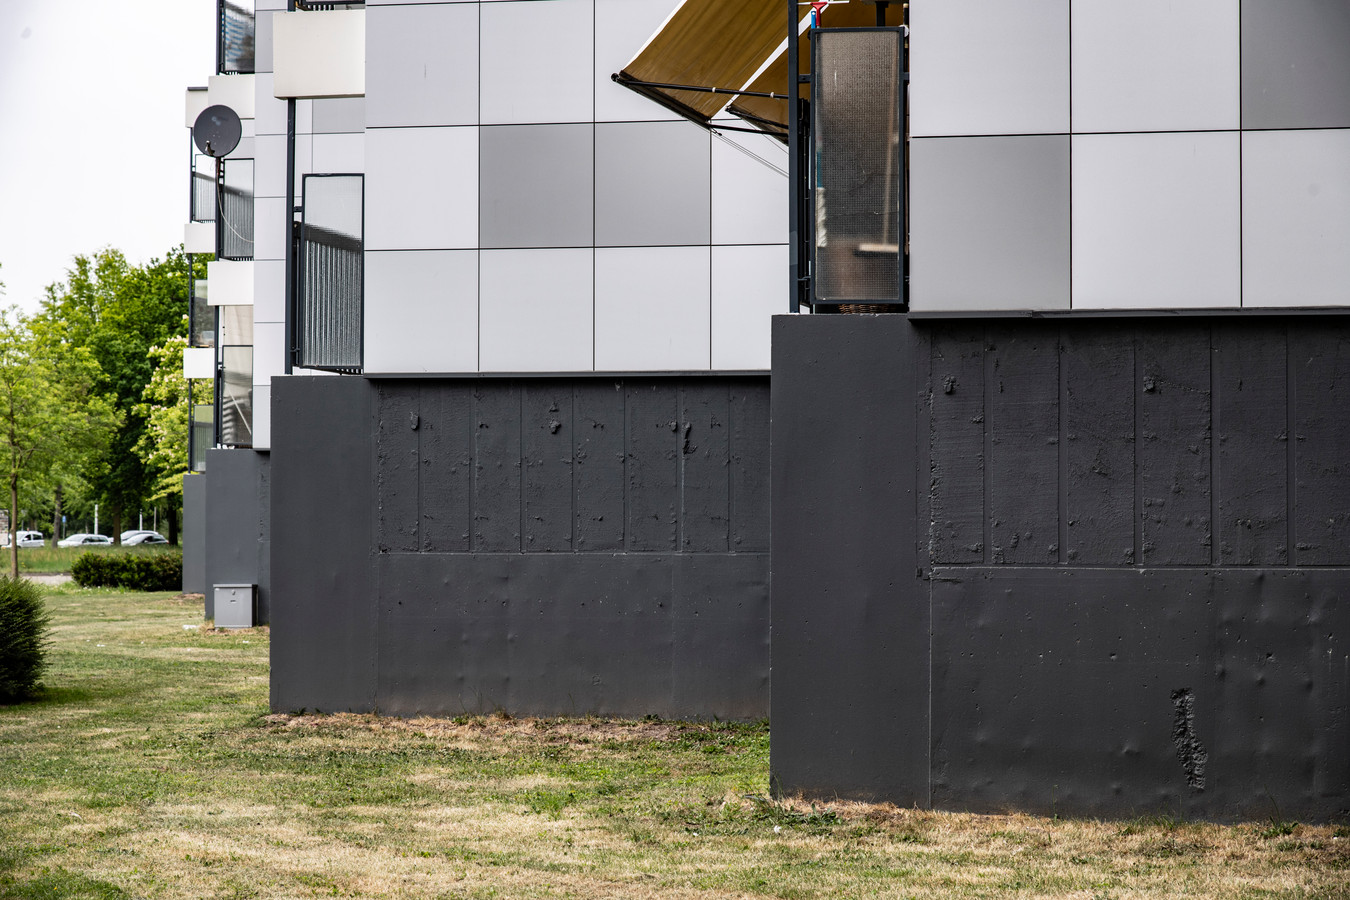 Een flat in Lankforst die op de 'zwarte lijst' met mogelijk brandgevaarlijke Nijmeegse panden staat. Om meer veiligheid te creëren is de onderste 2,5 meter gevelbeplating verwijderd.